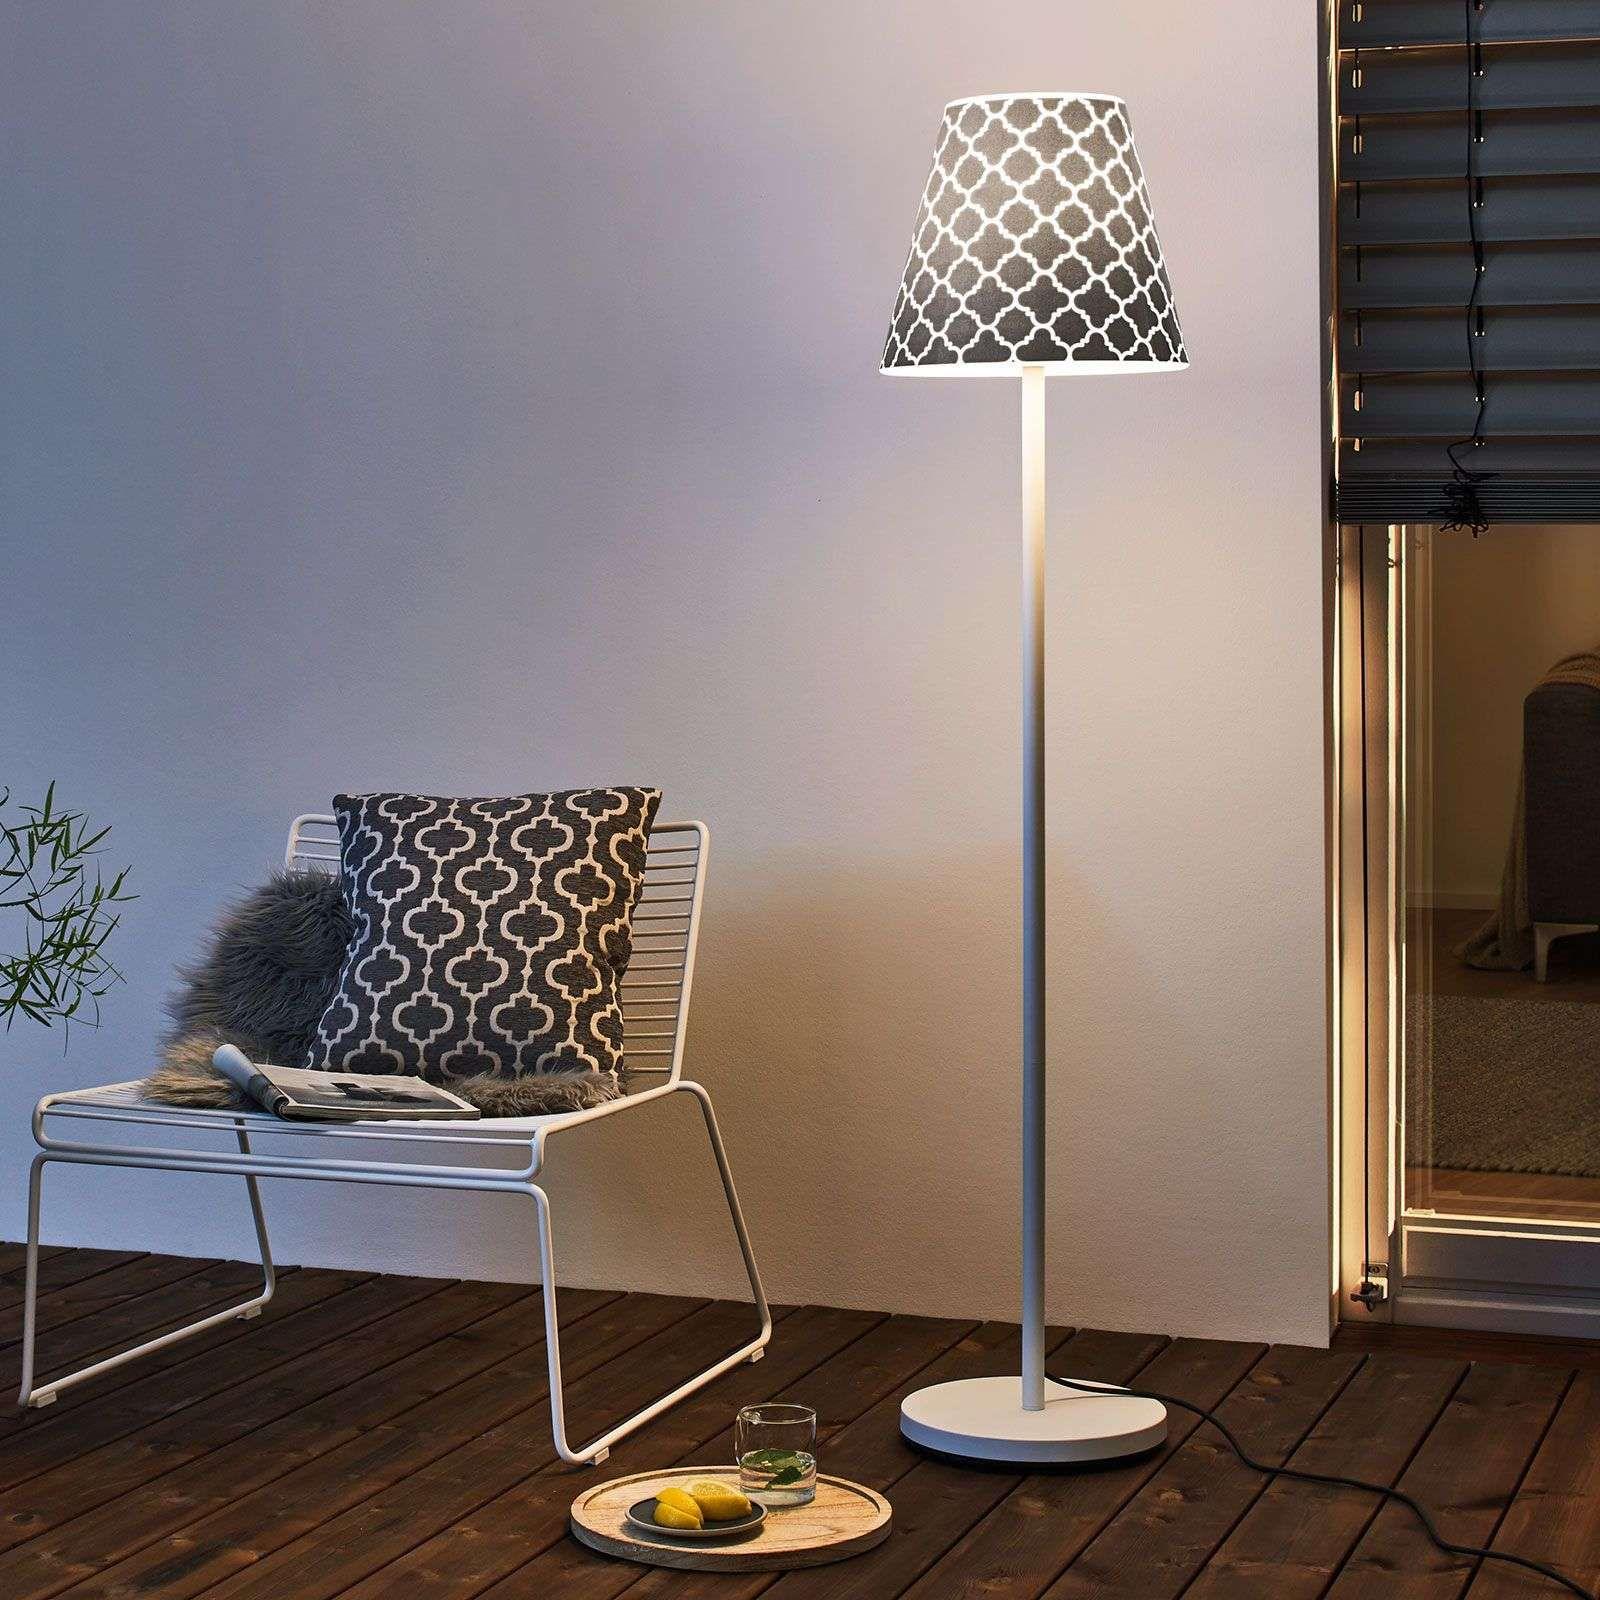 Moderne Stehlampe Swap Von Moree Weiss In 2020 Stehlampe Design